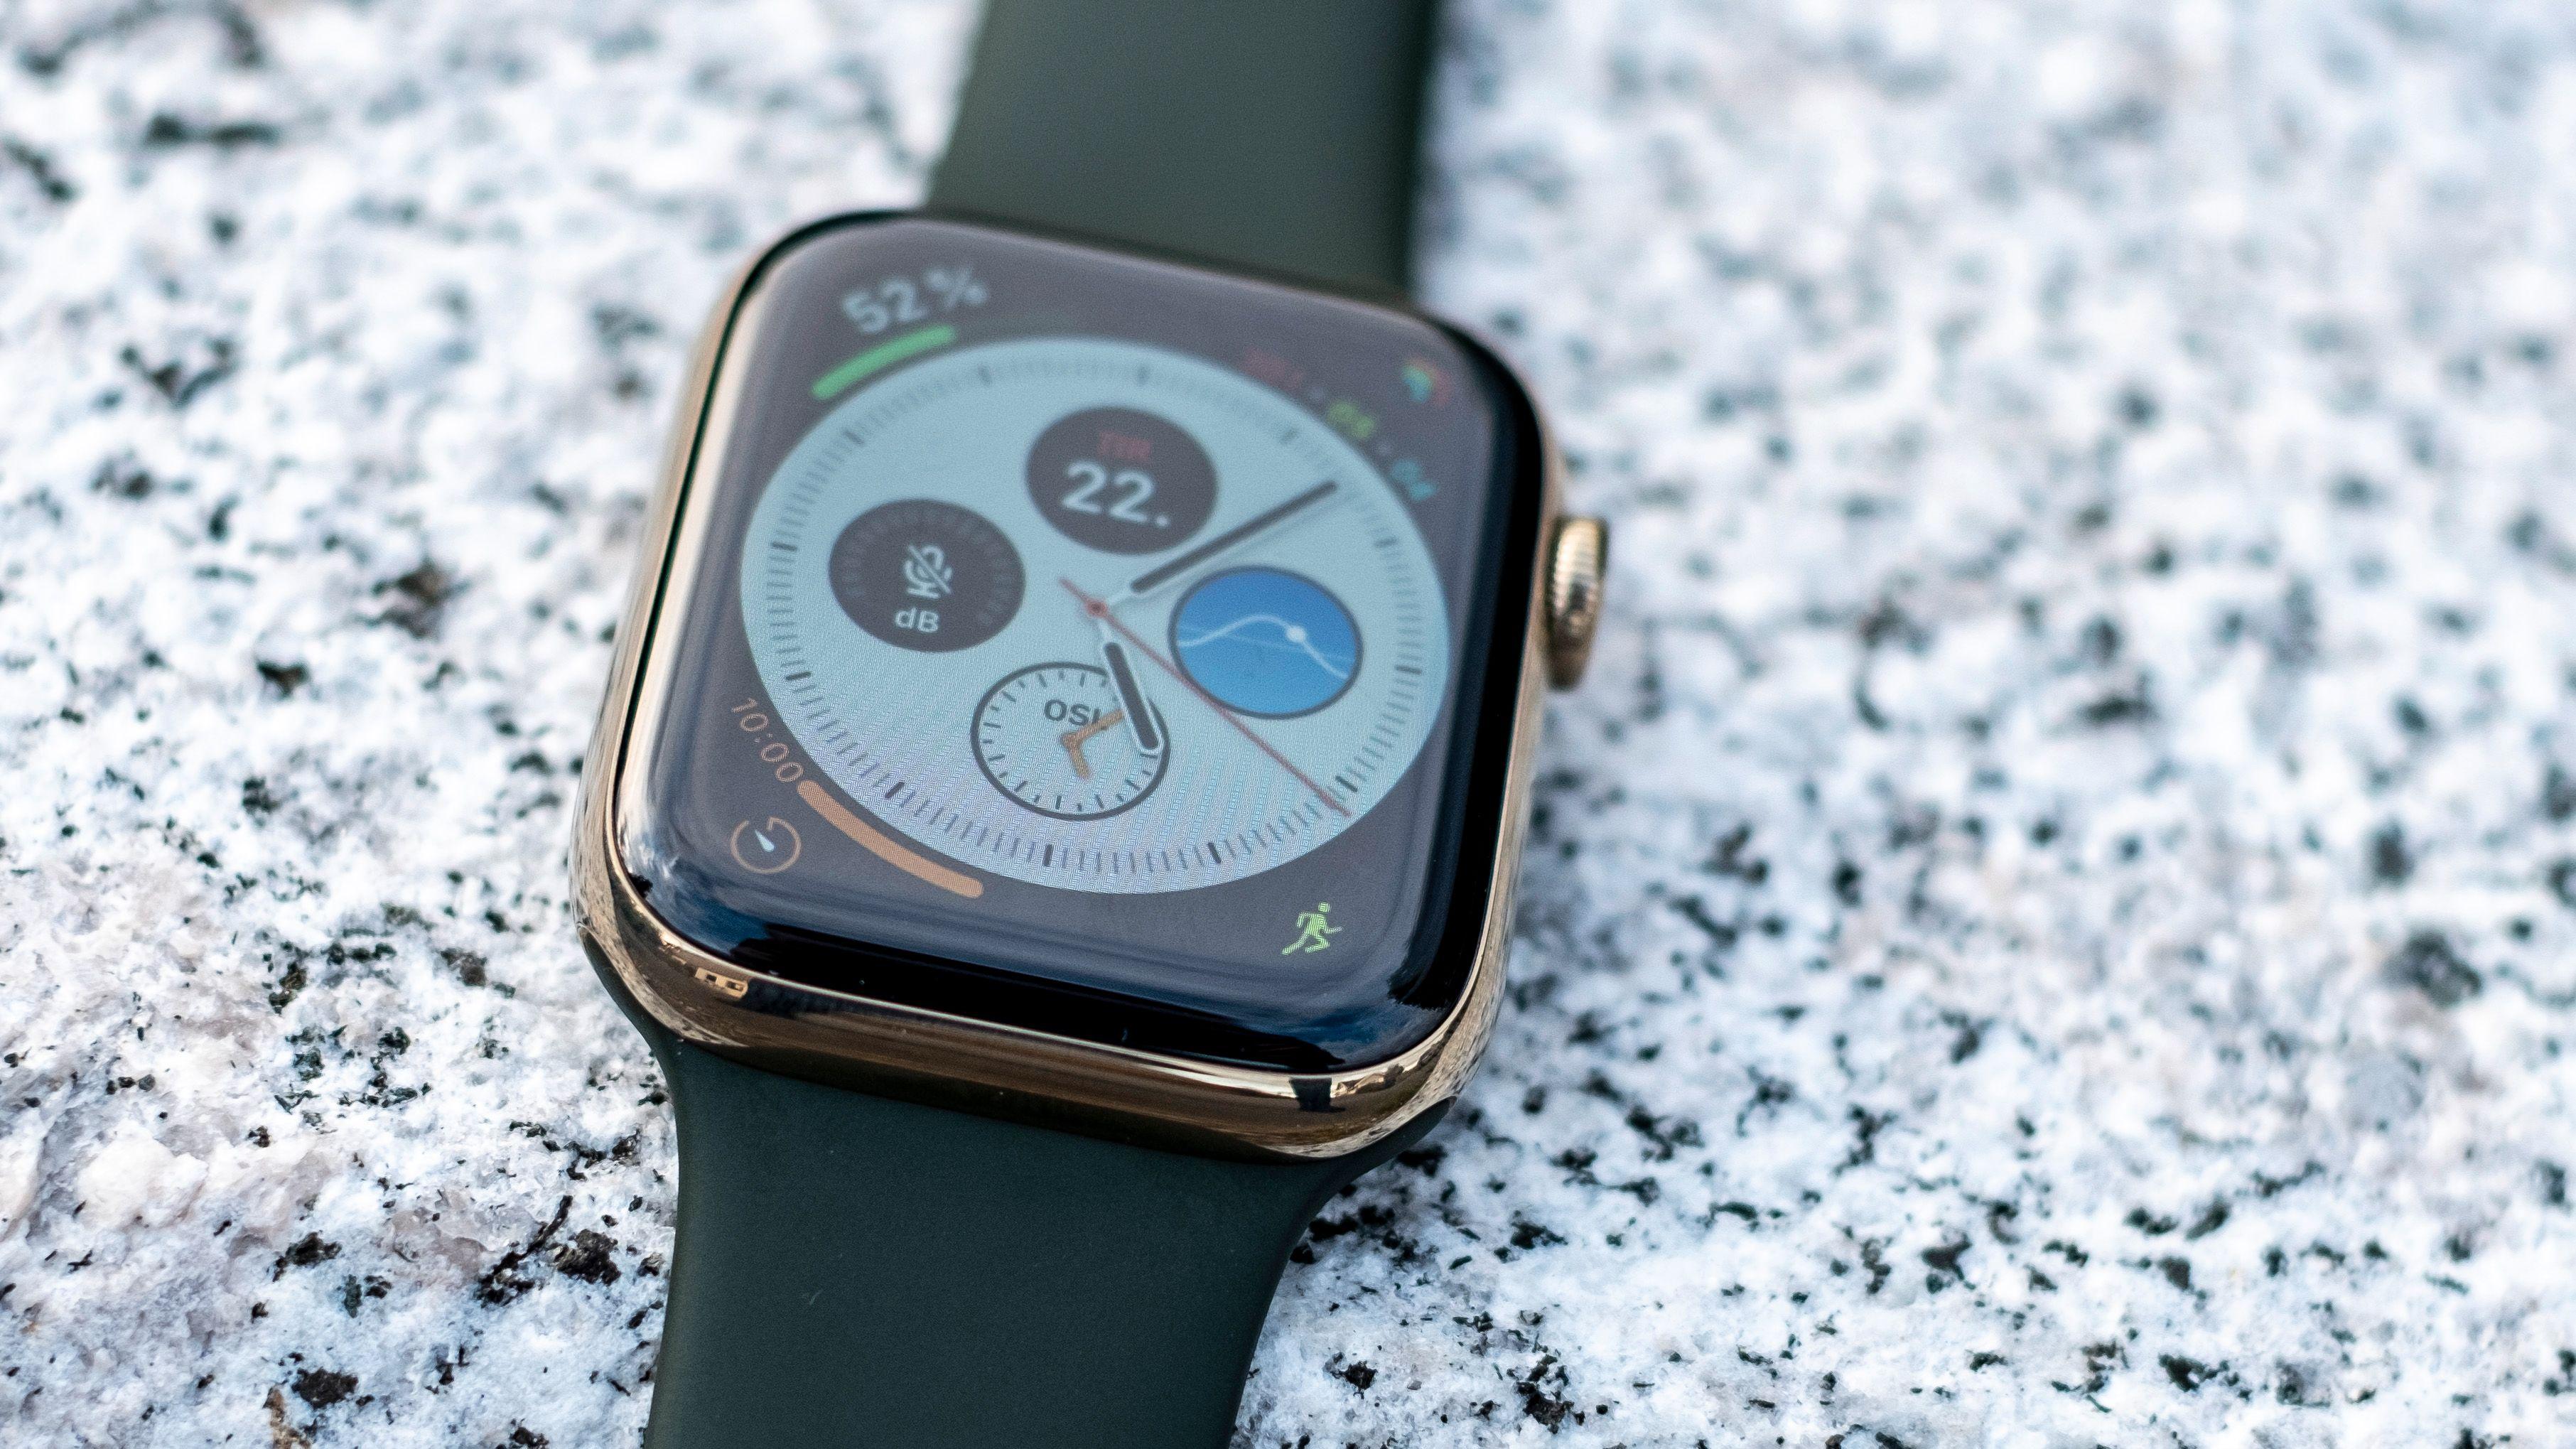 Hils på nye Apple Watch series 6 - den er omtrent som series 5 før den, men med bittelitt ekstra.